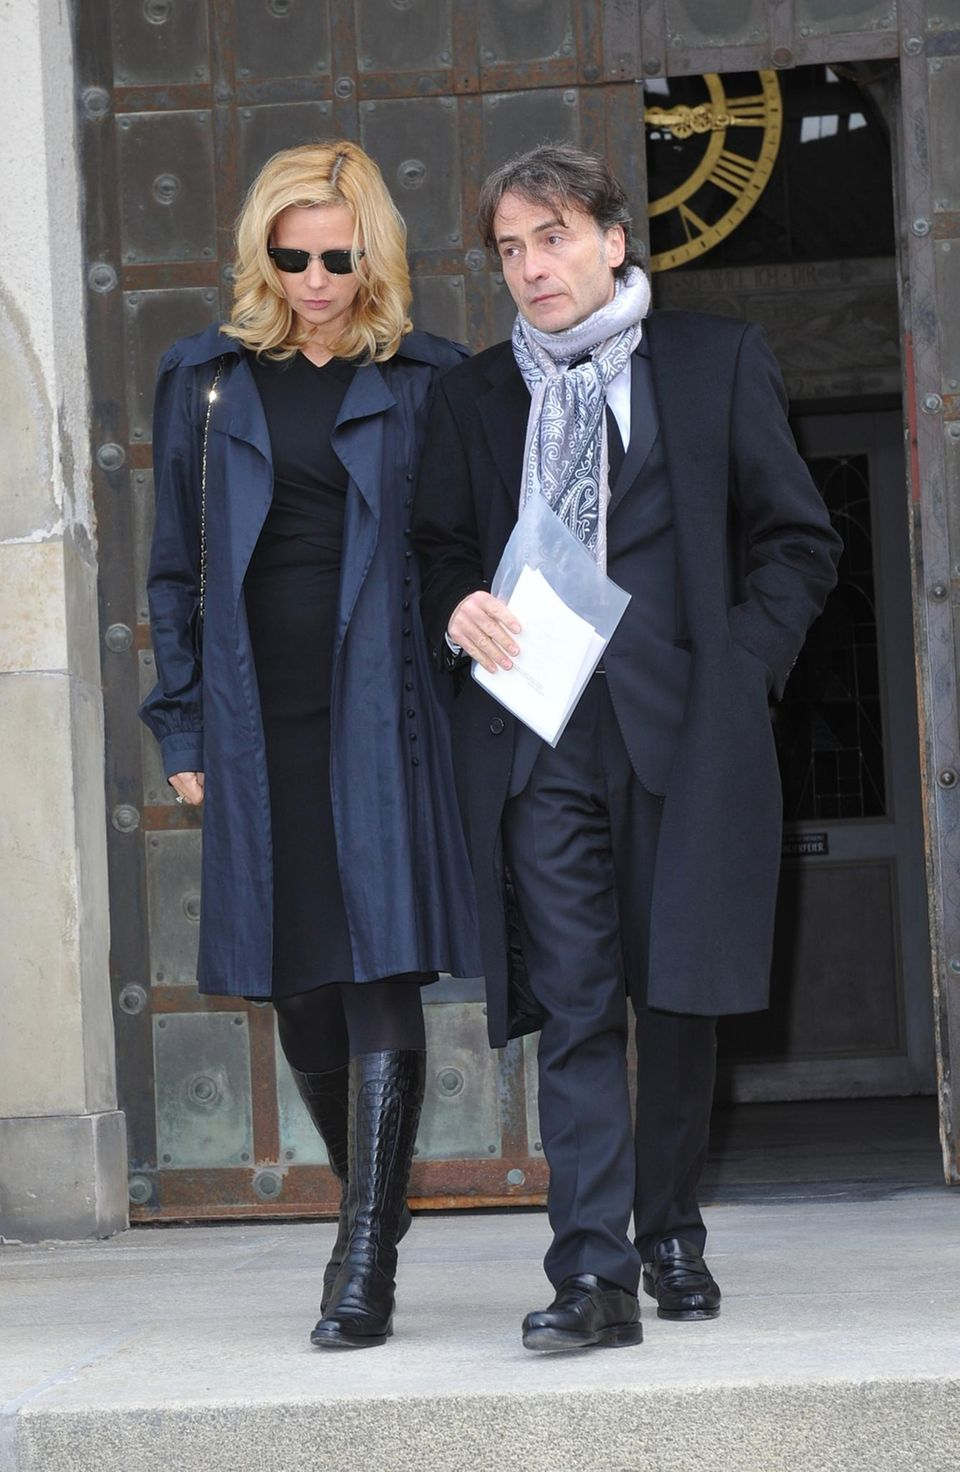 Veronica Ferres und Giovanni di Lorenzo verlassen gemeinsam die Aussegnungshalle am Nordfriedhof in München.